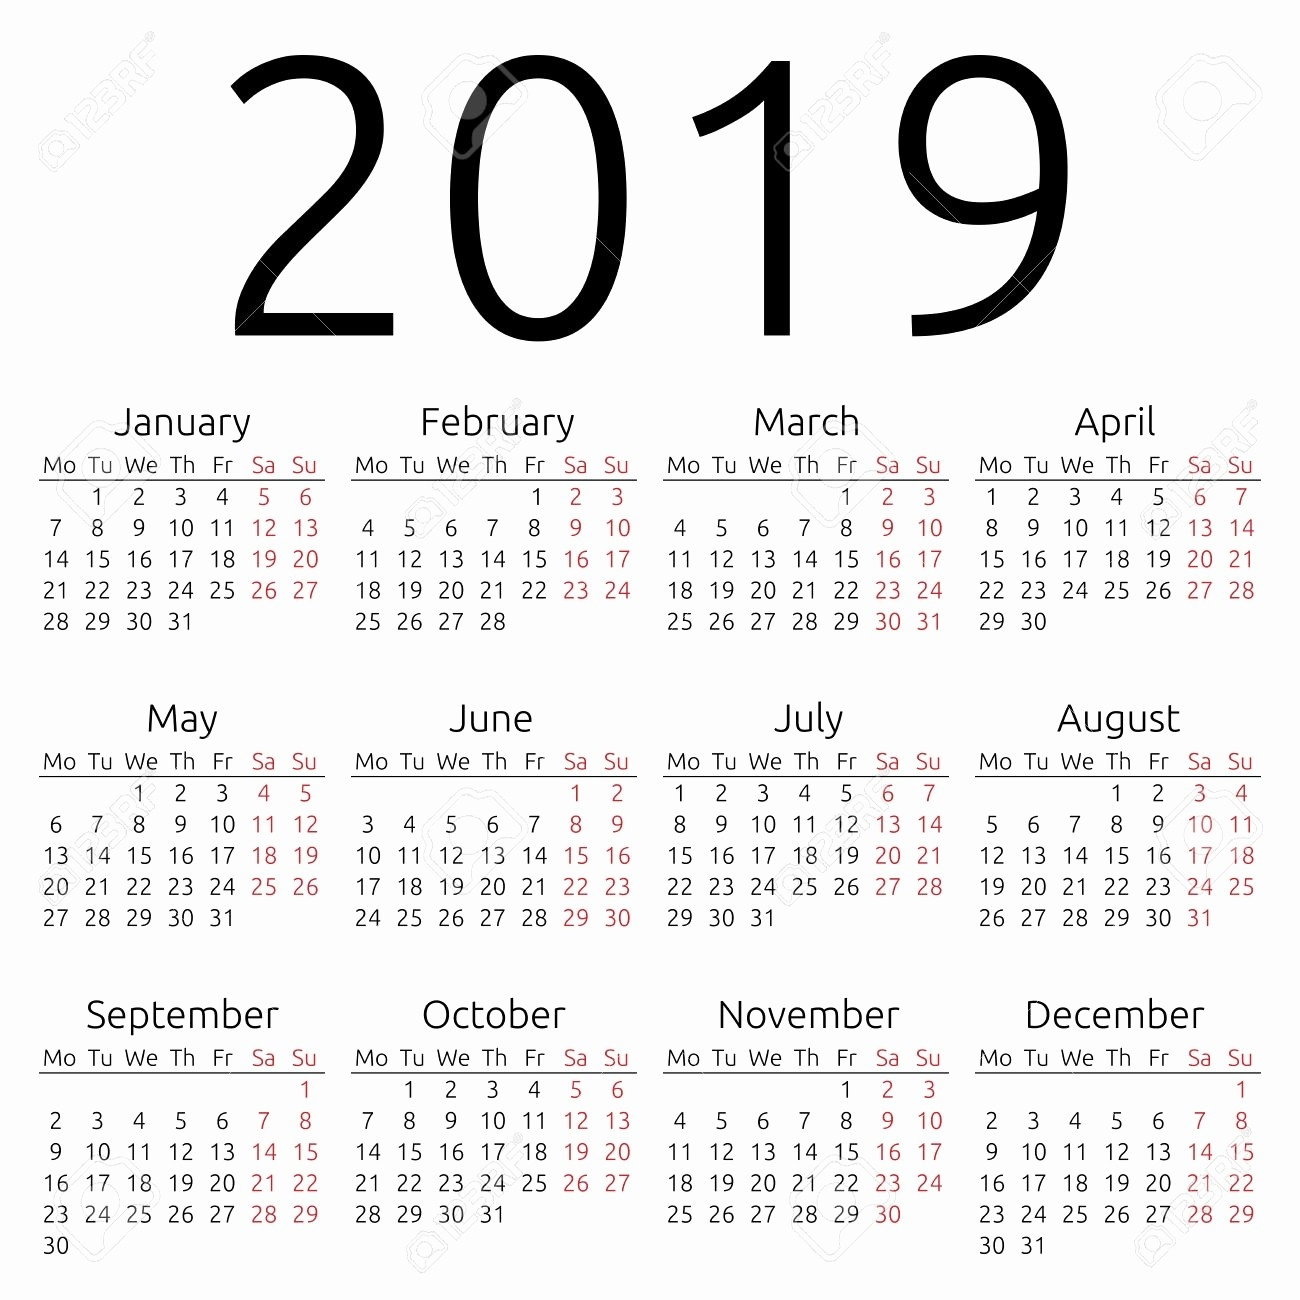 2019 Calendar Hong Kong 2018 February Pdf Meetgeorge